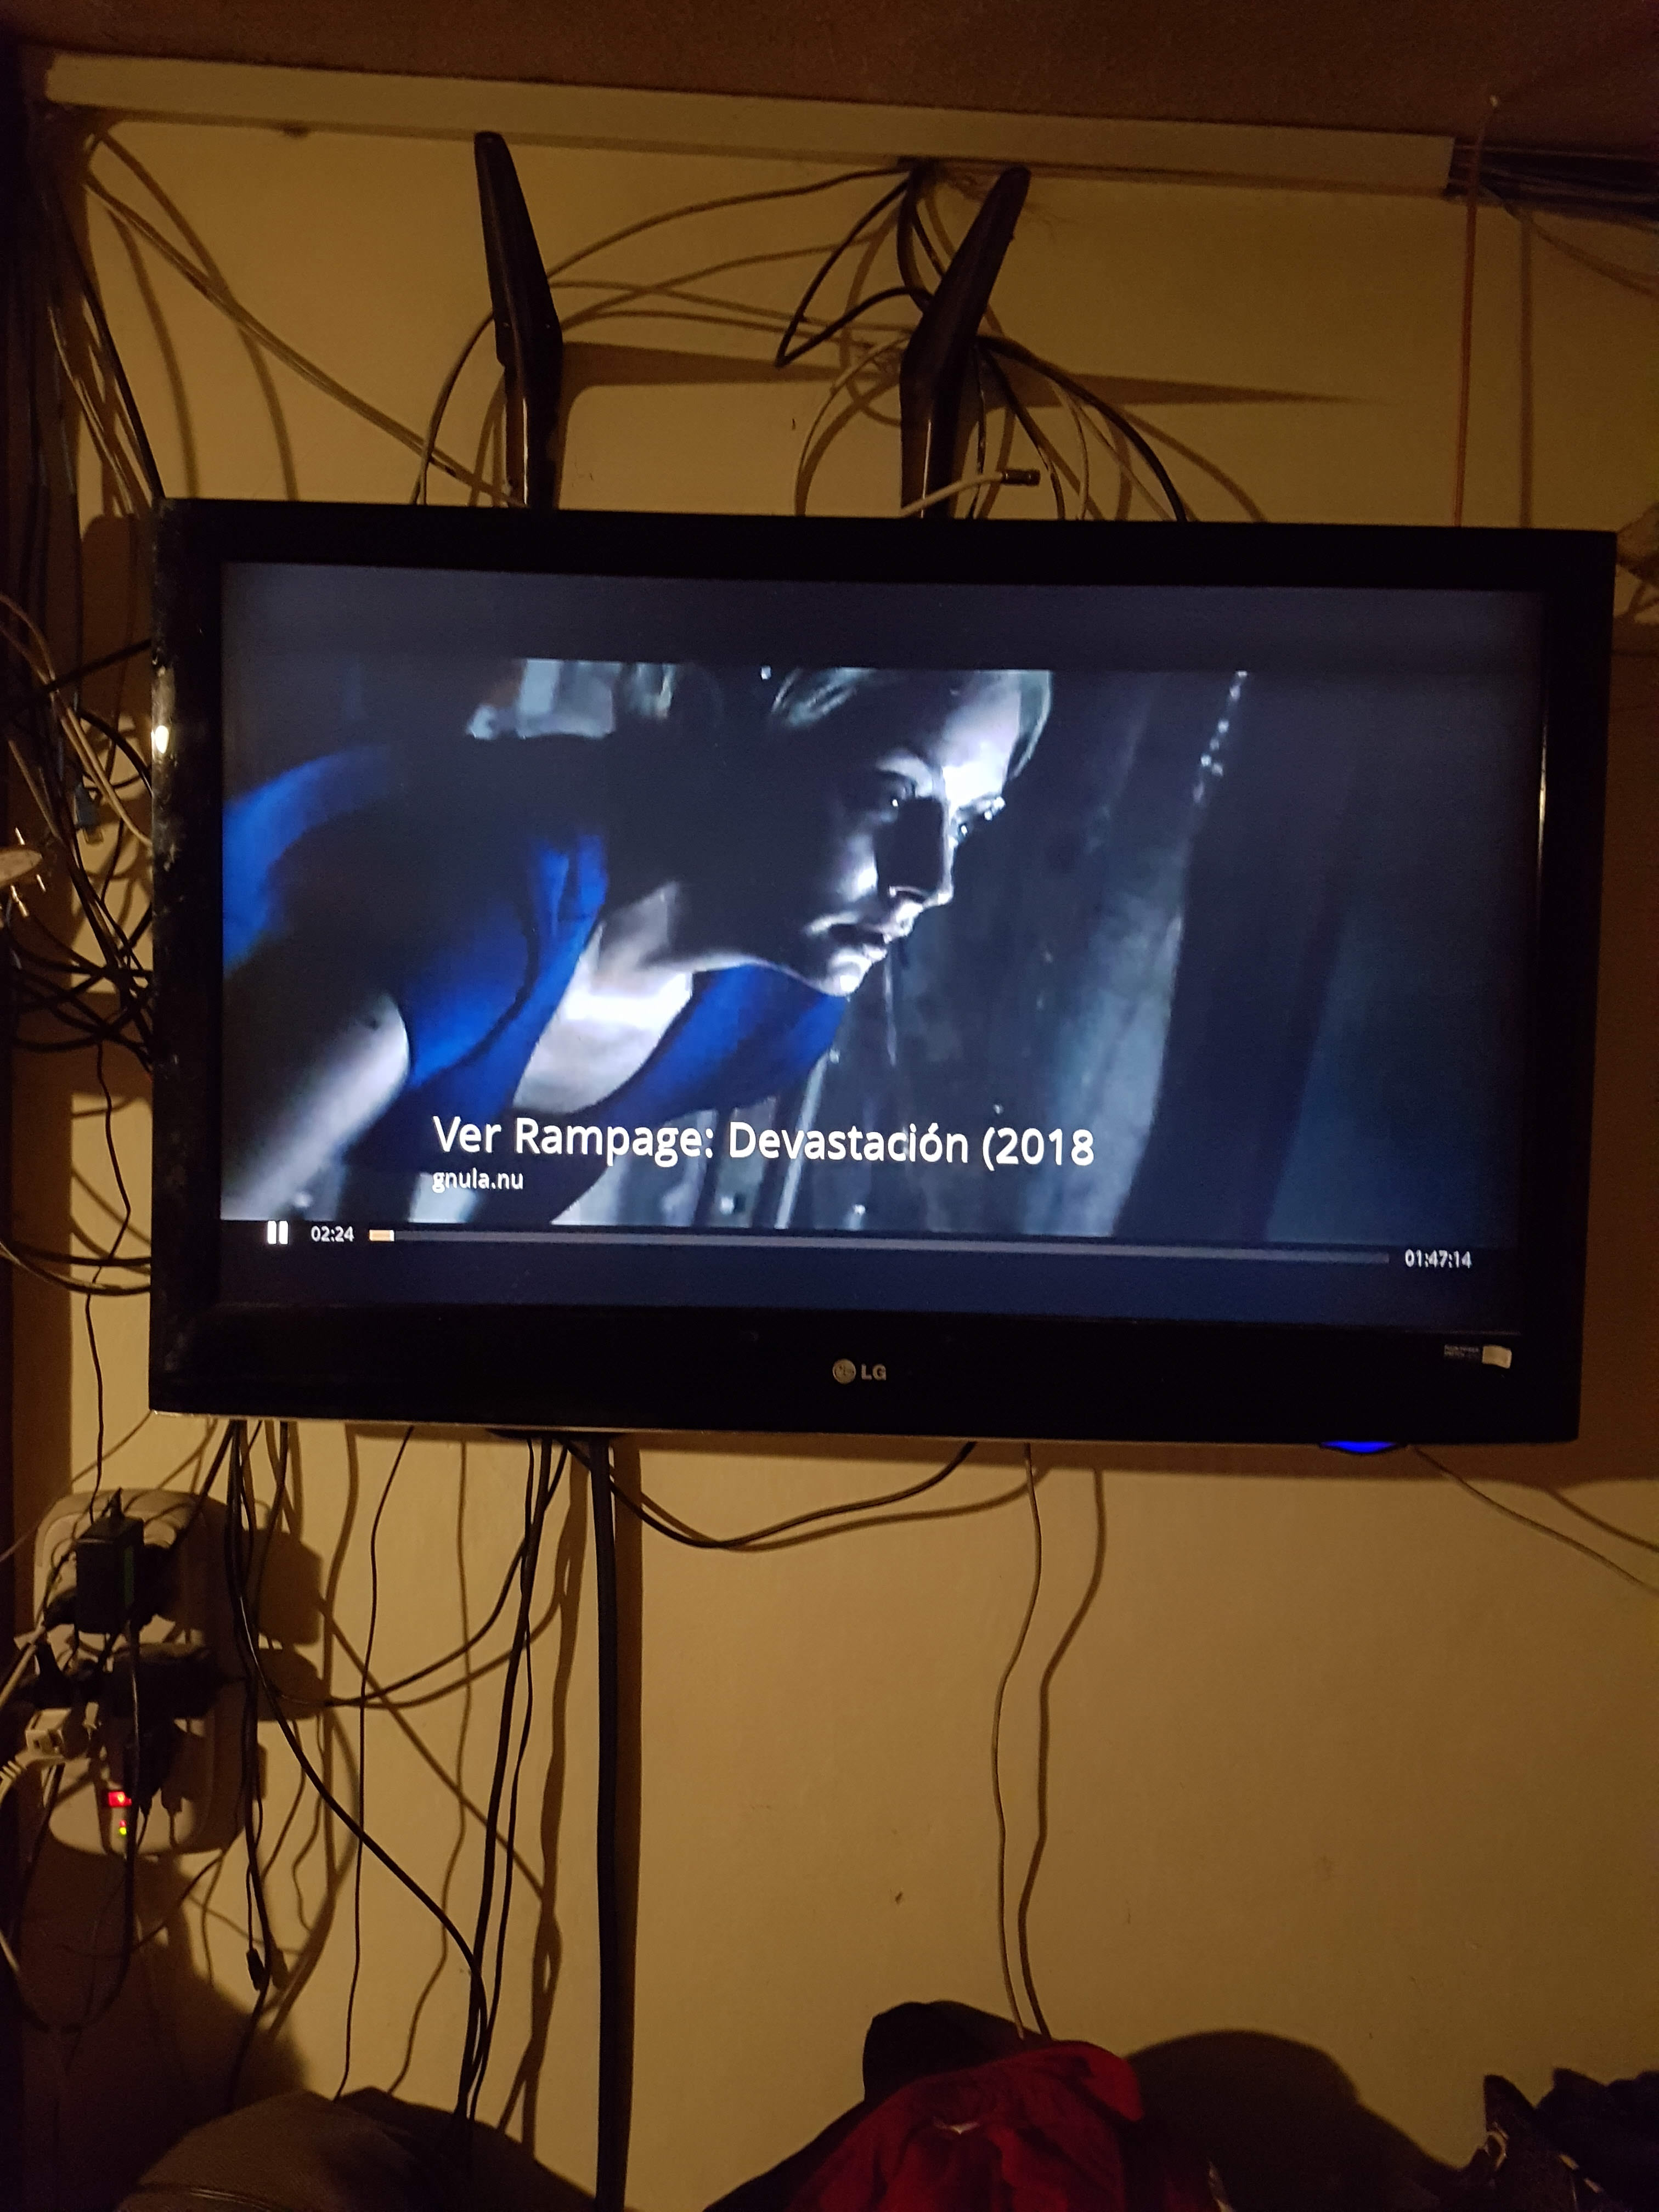 Ver Peliculas Online Con Chromecast Transmitir A Tv Android Jefe